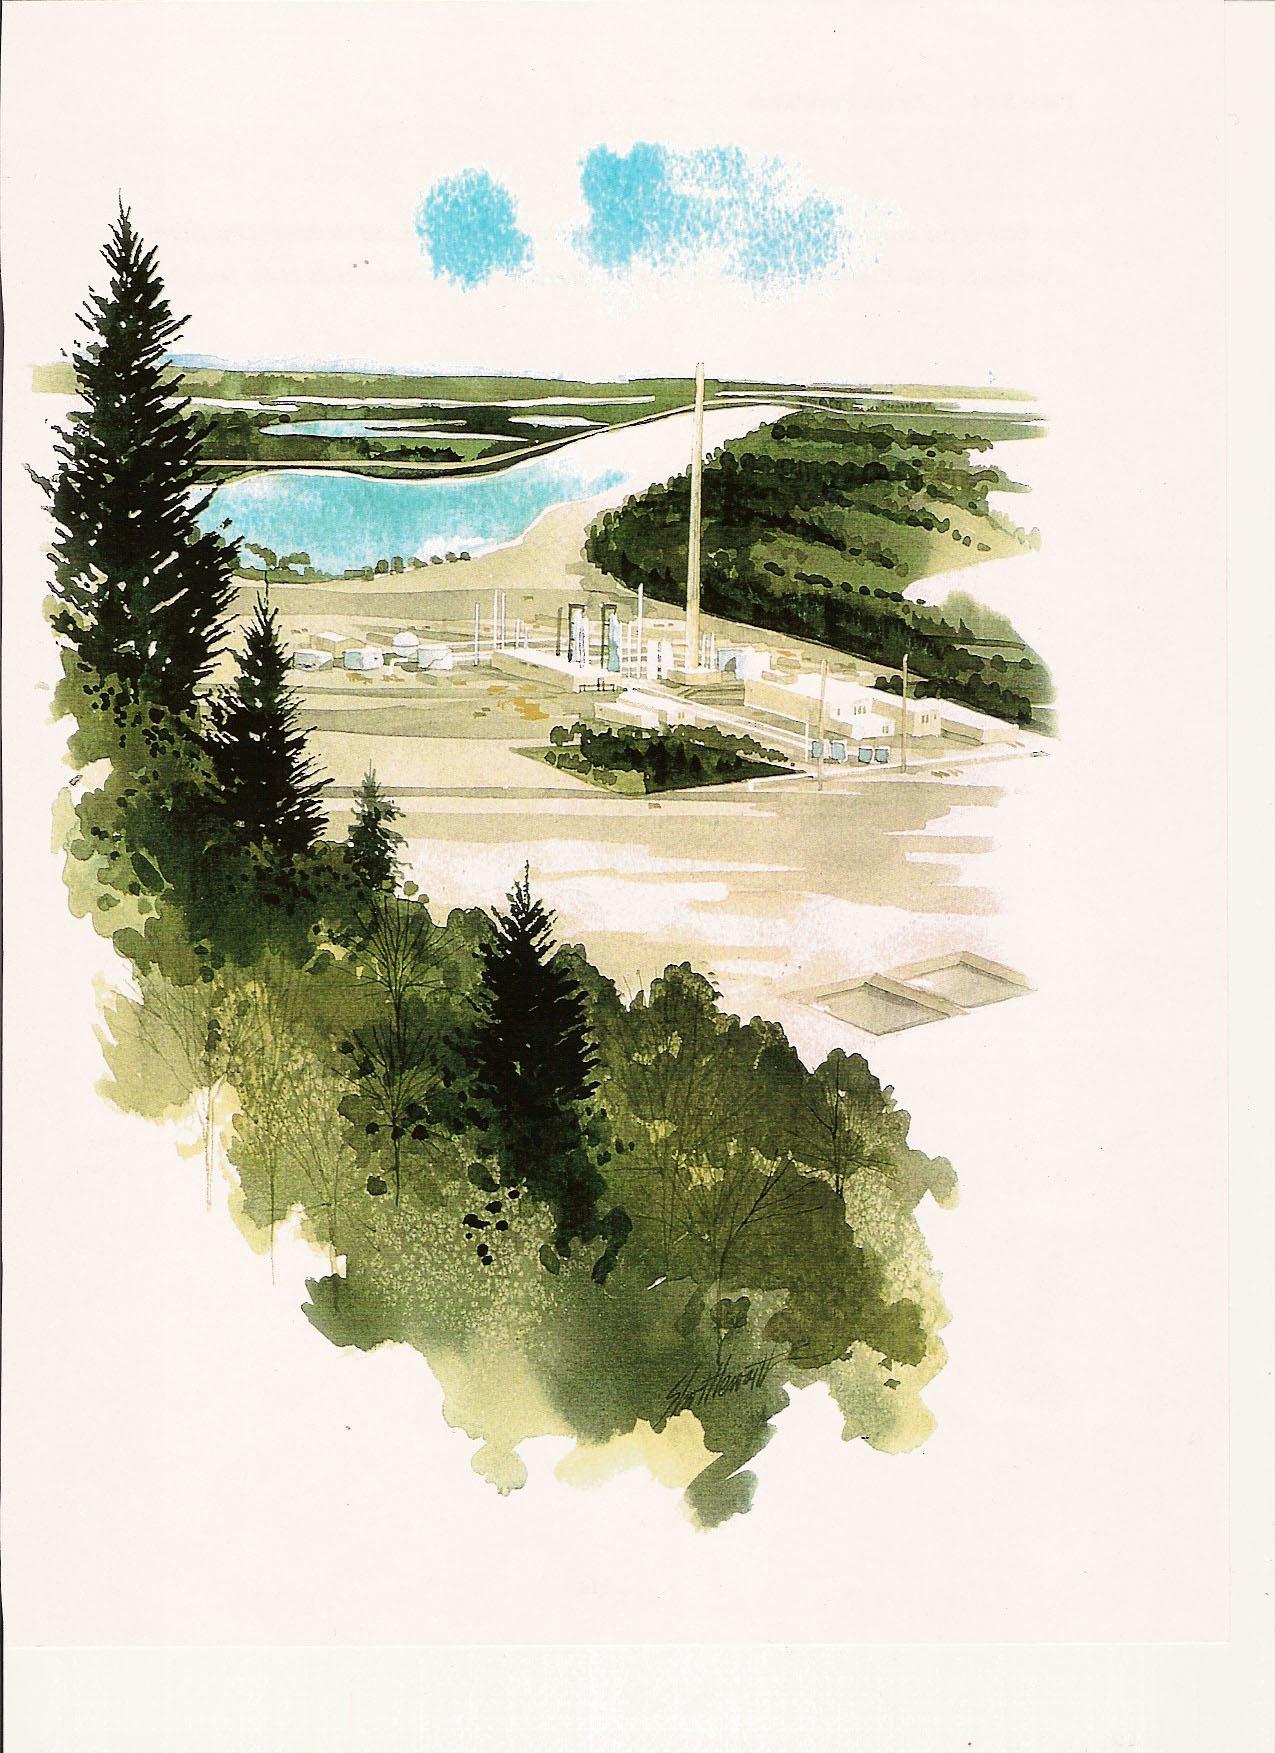 reclaimed landscape-4352650642.jpg